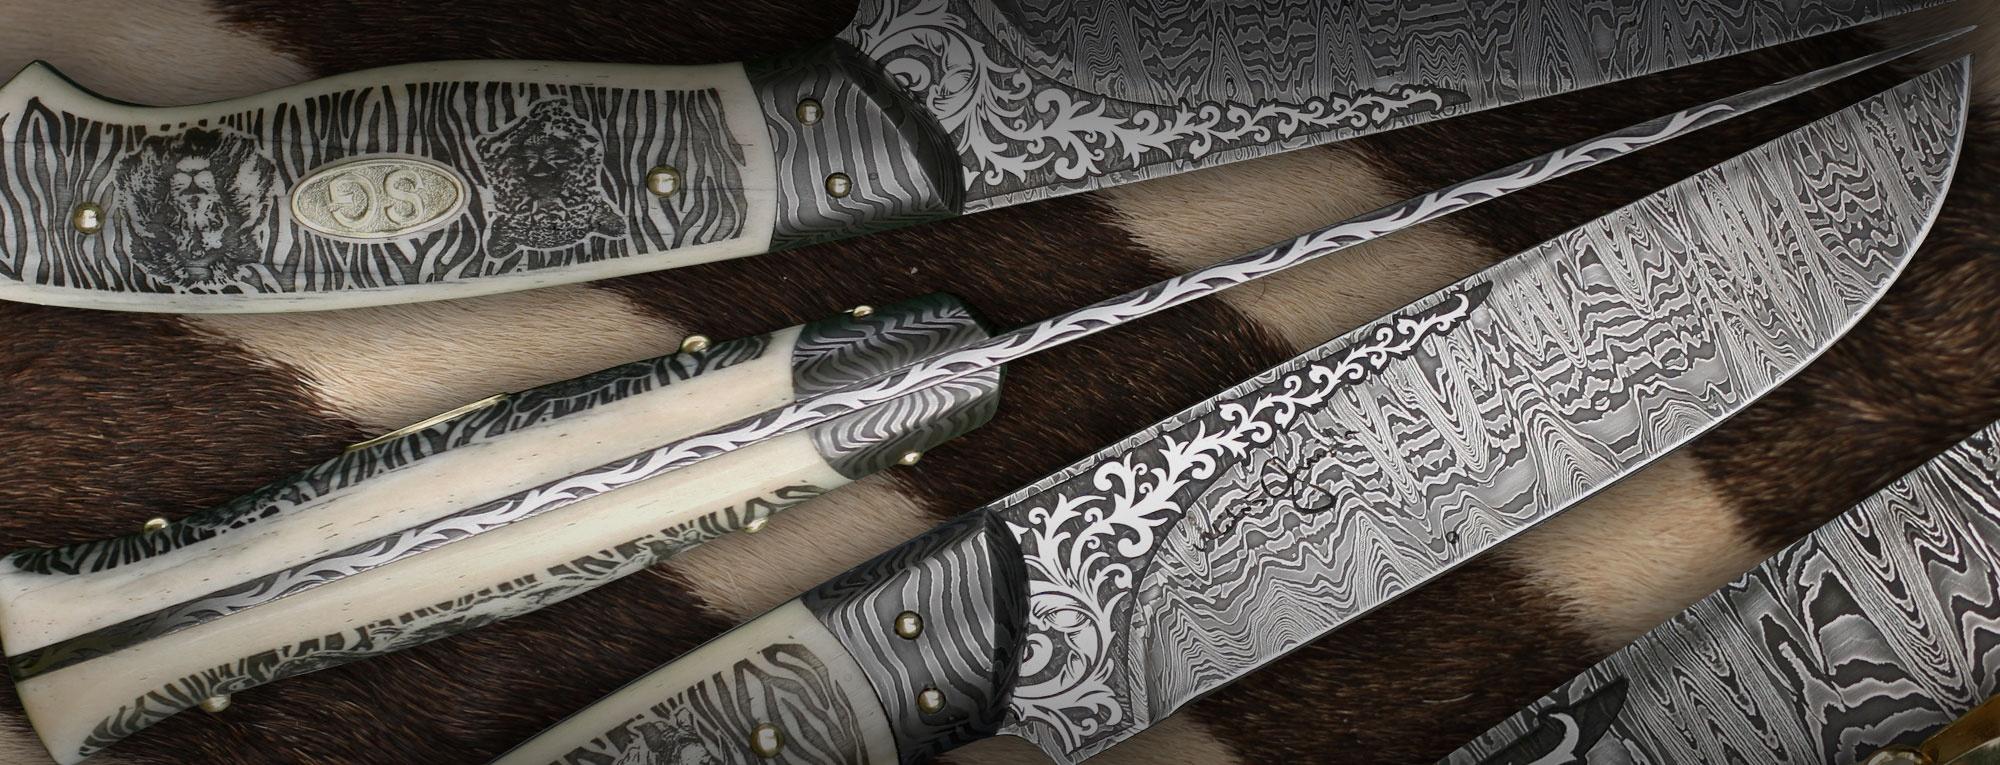 kované nože